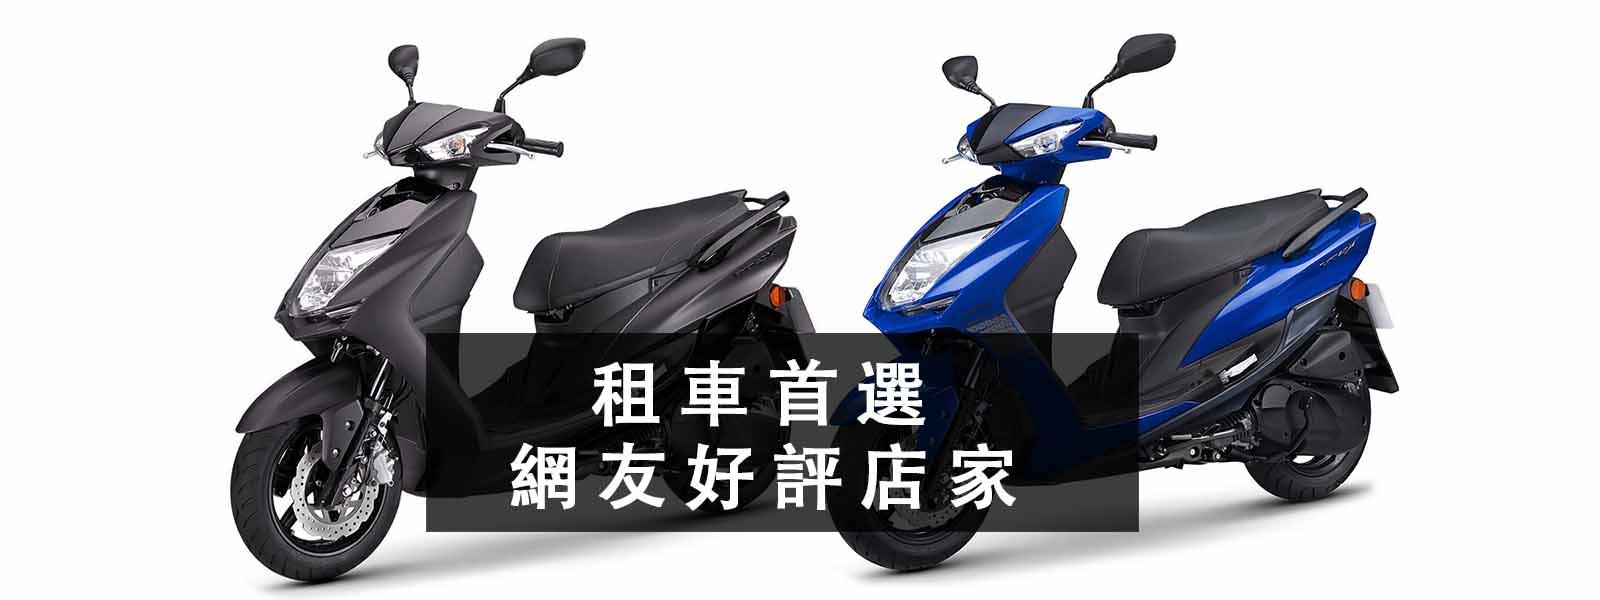 臺南租機車ptt【300元起】臺南火車站附近租機車-【臺南租機車